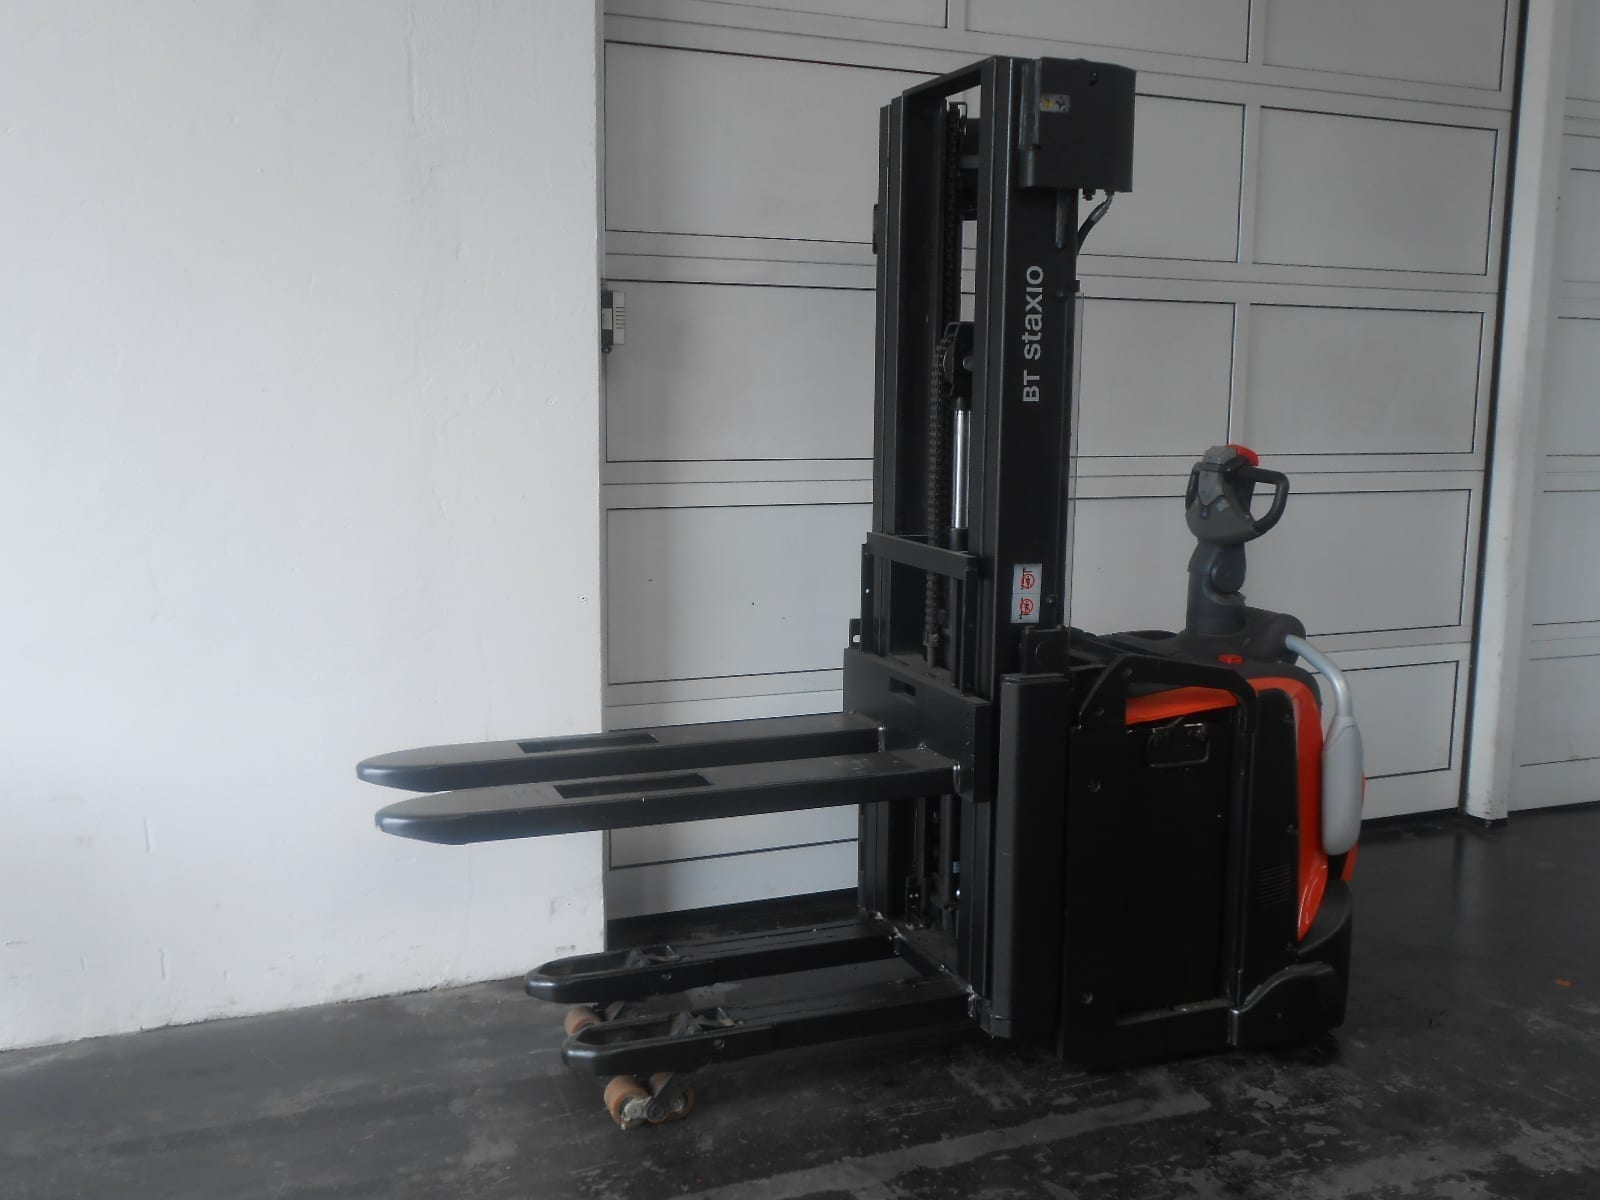 Toyota-Gabelstapler-59840 1712024738 1 92